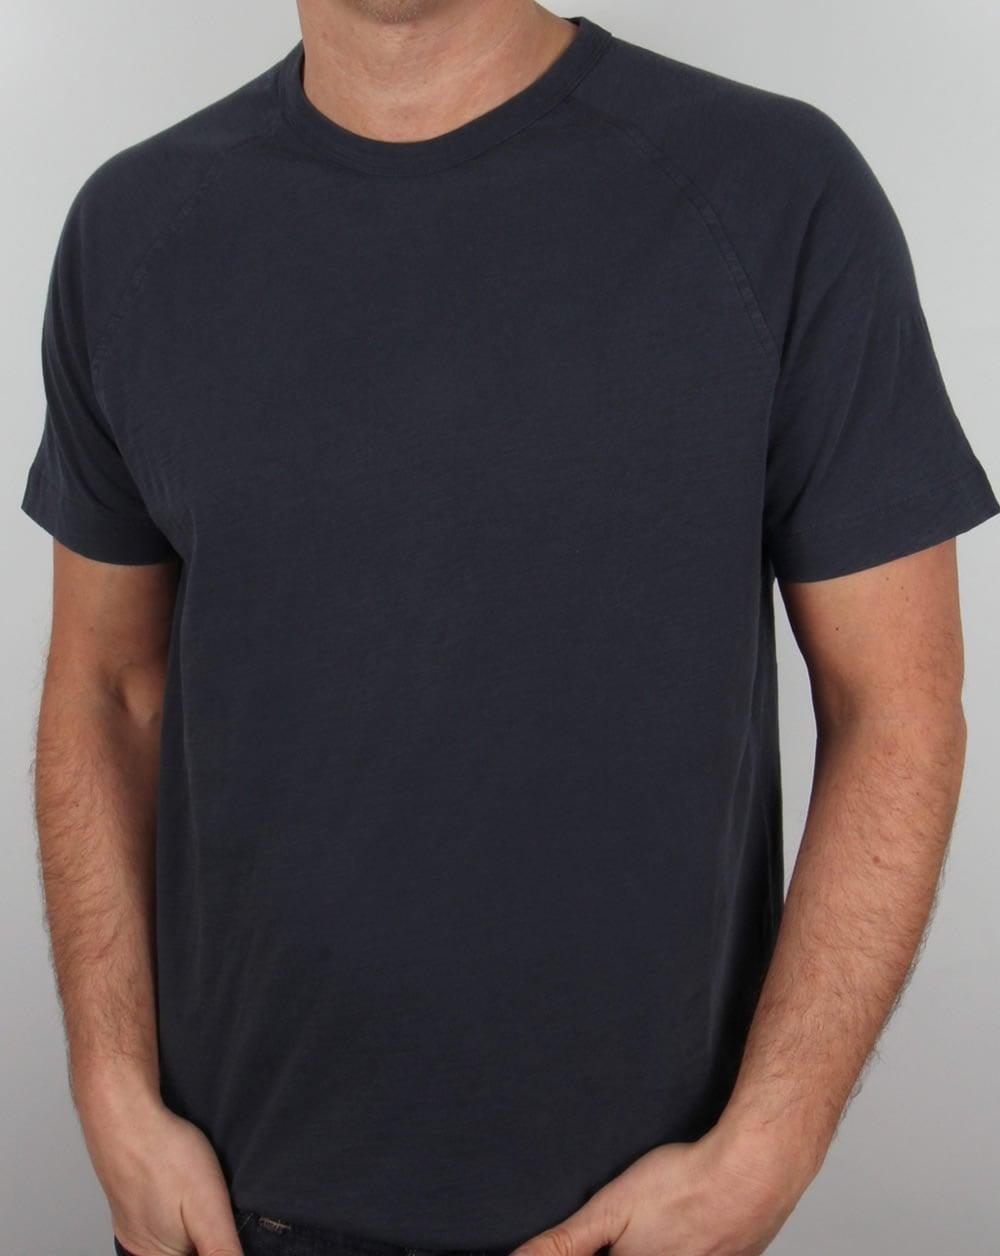 Ymc black t shirt - Ymc Television Raglan T Shirt Navy